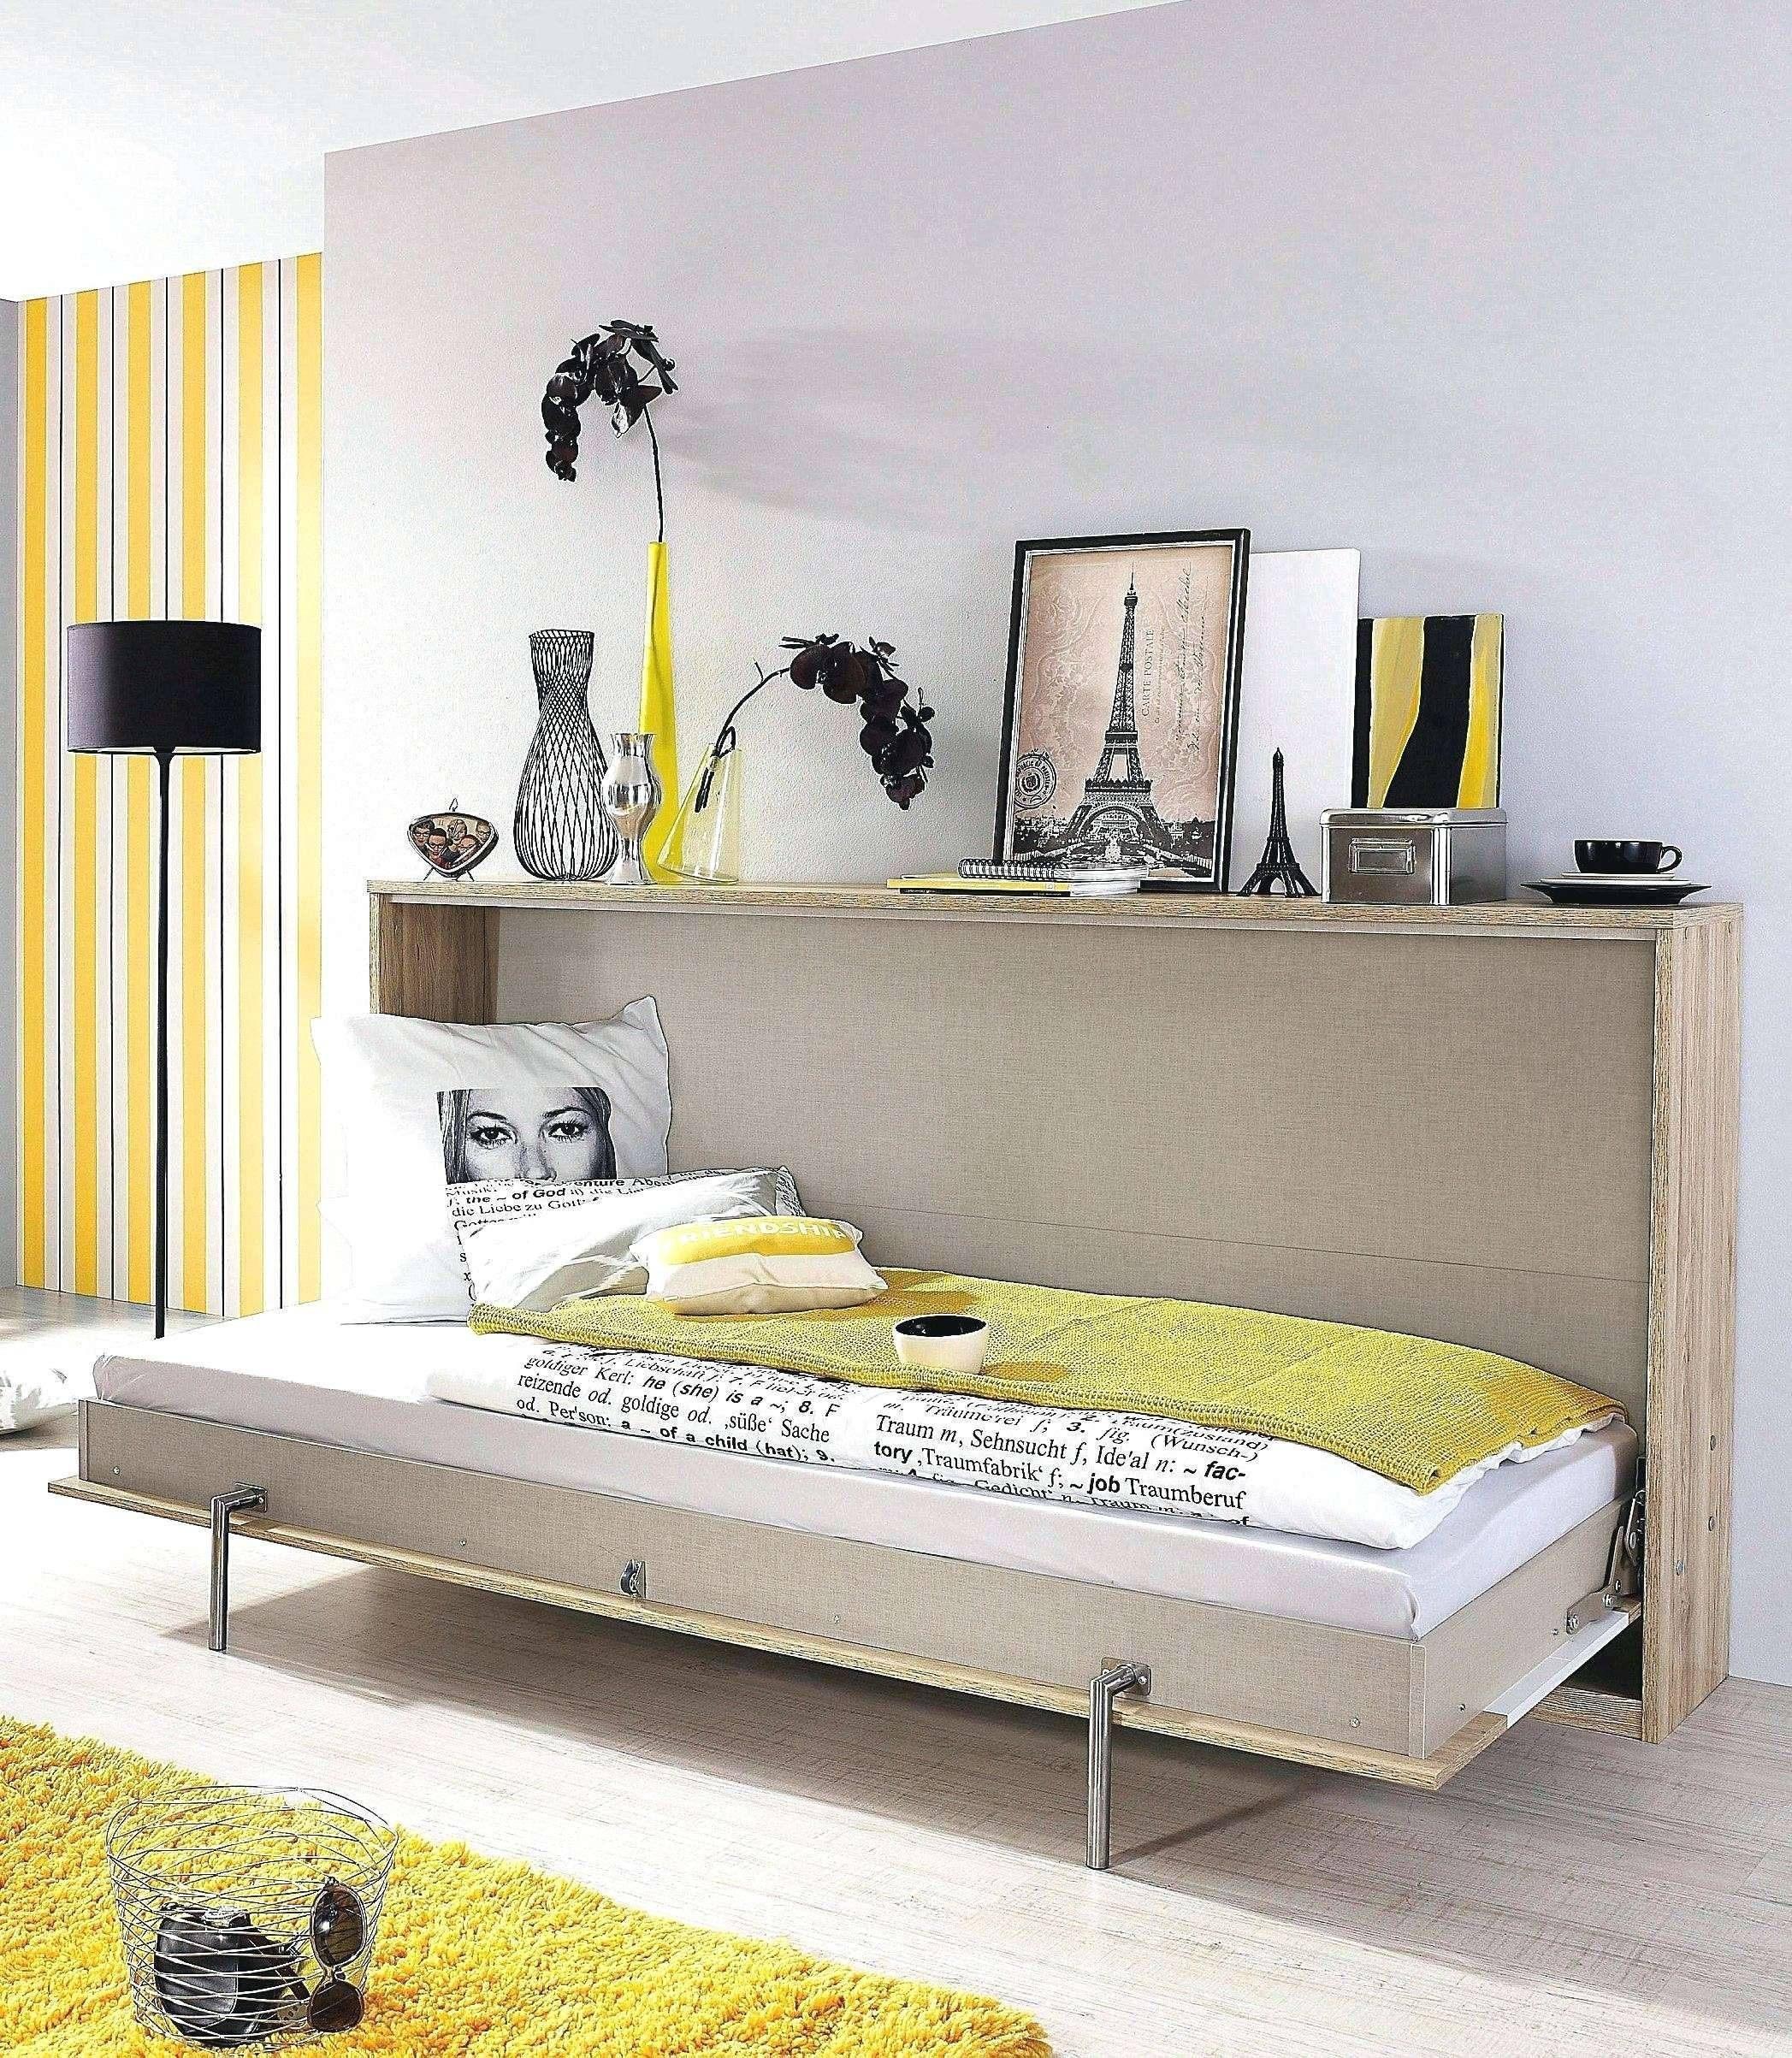 Taille De Couette Pour Lit 160×200 Fraîche Dimension Couette Pour Lit 160—200 Bel Lit A Tiroir Ikea Cadre De